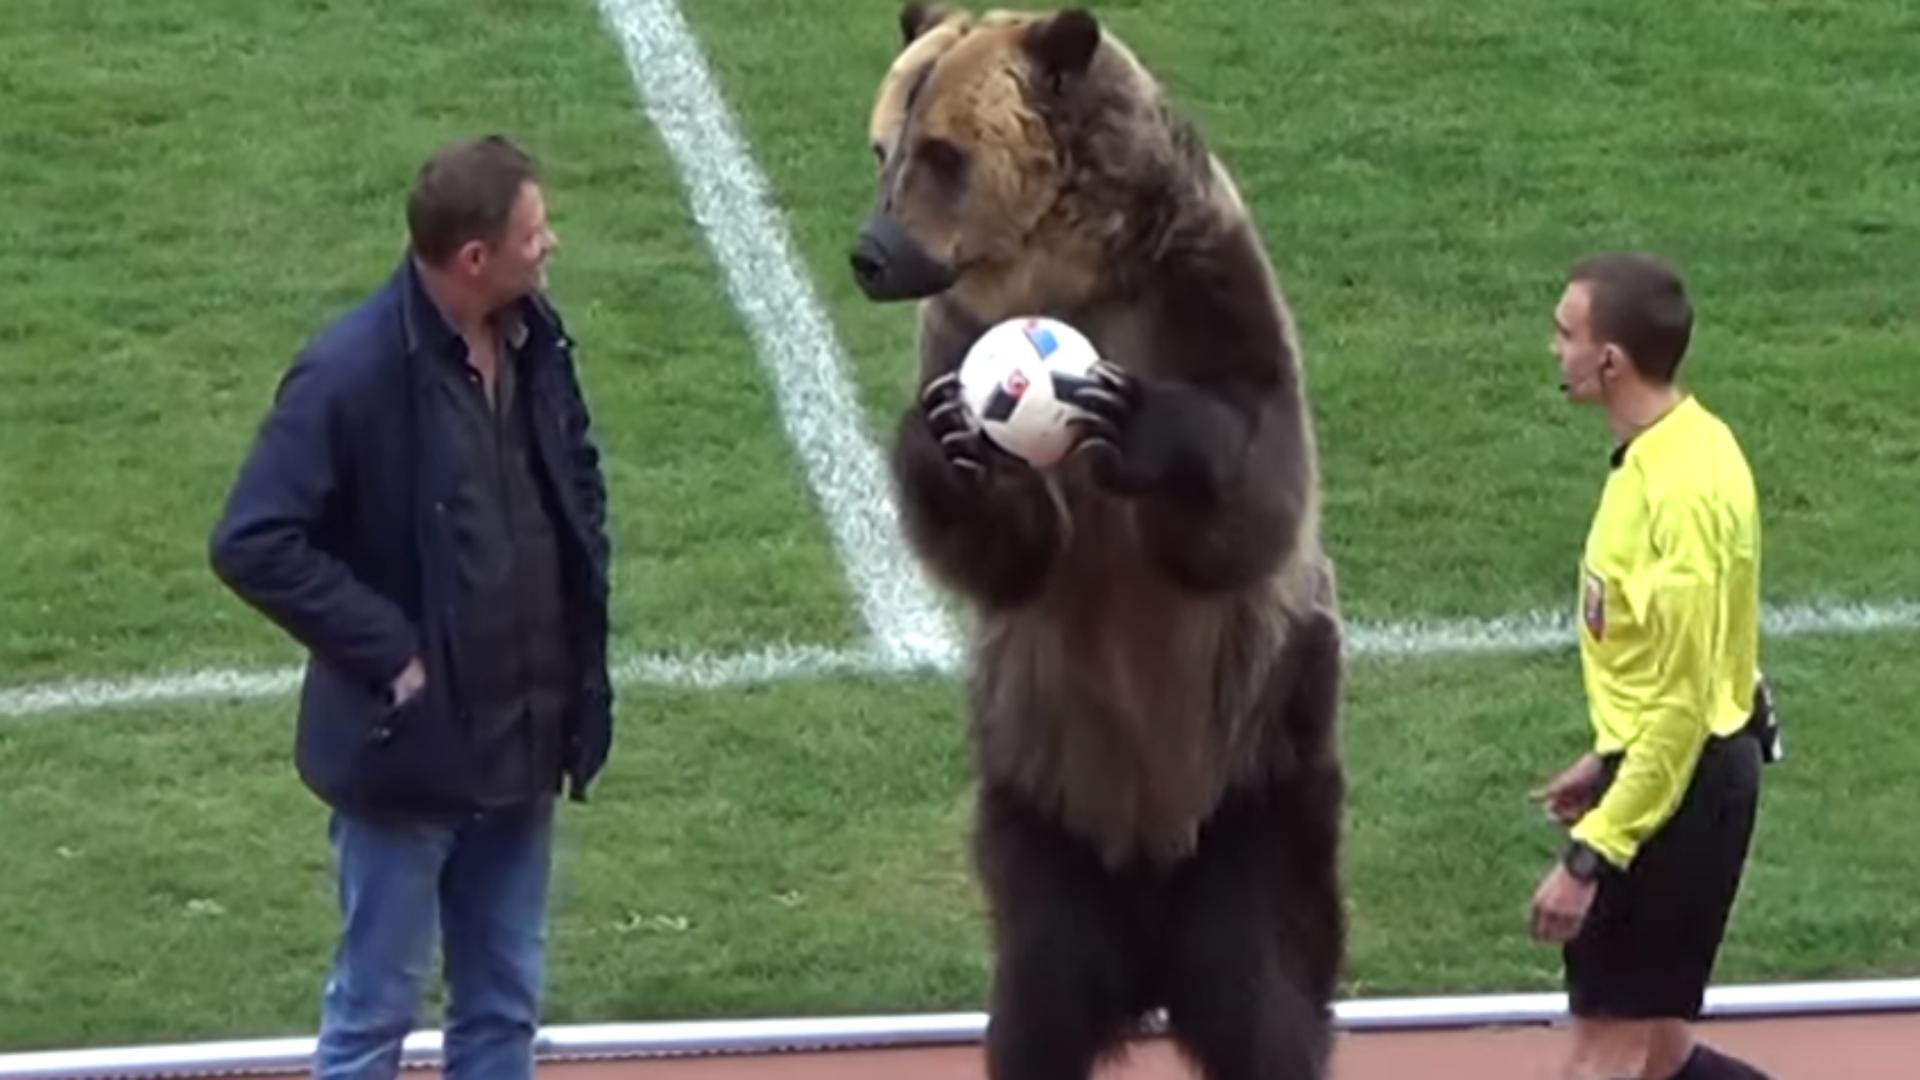 Cris de singe lors de Russie-France : une procédure disciplinaire ouverte contre la Fédération russe